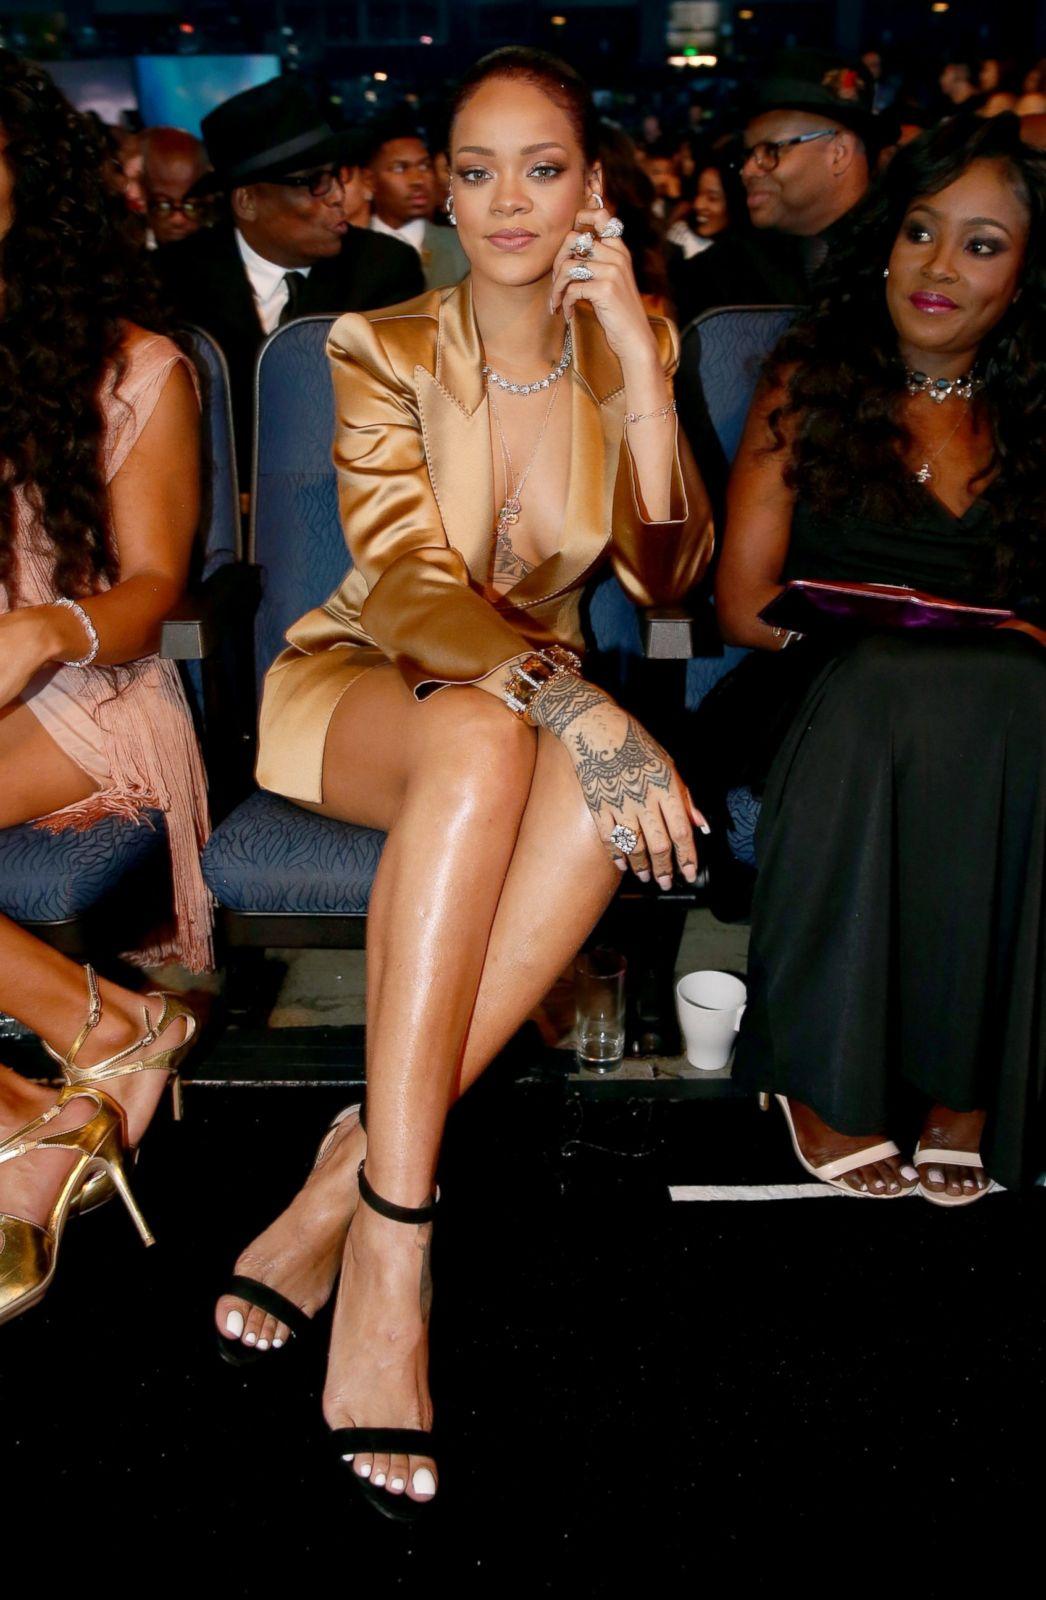 d0b5a9518a4 Rihanna  Through the Years Photos - ABC News